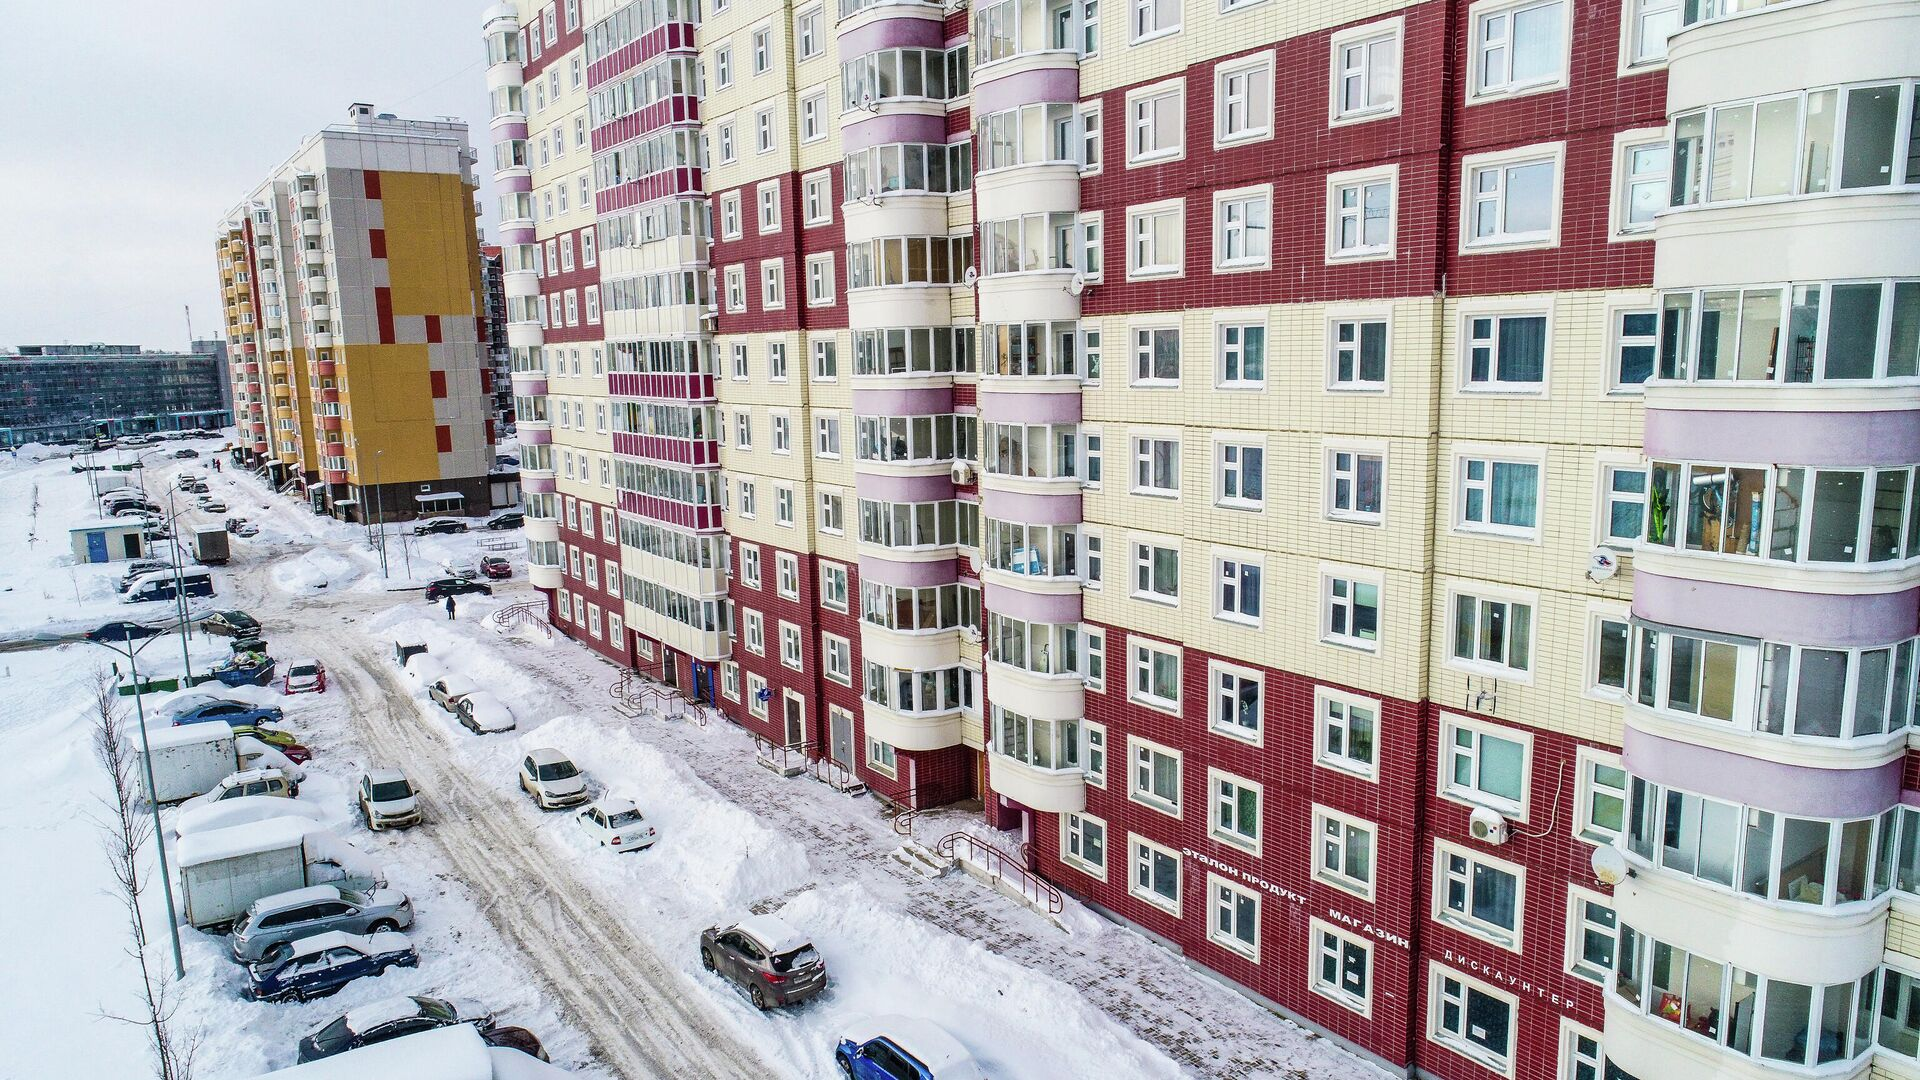 Жилые дома в Новой Москве - РИА Новости, 1920, 25.02.2021